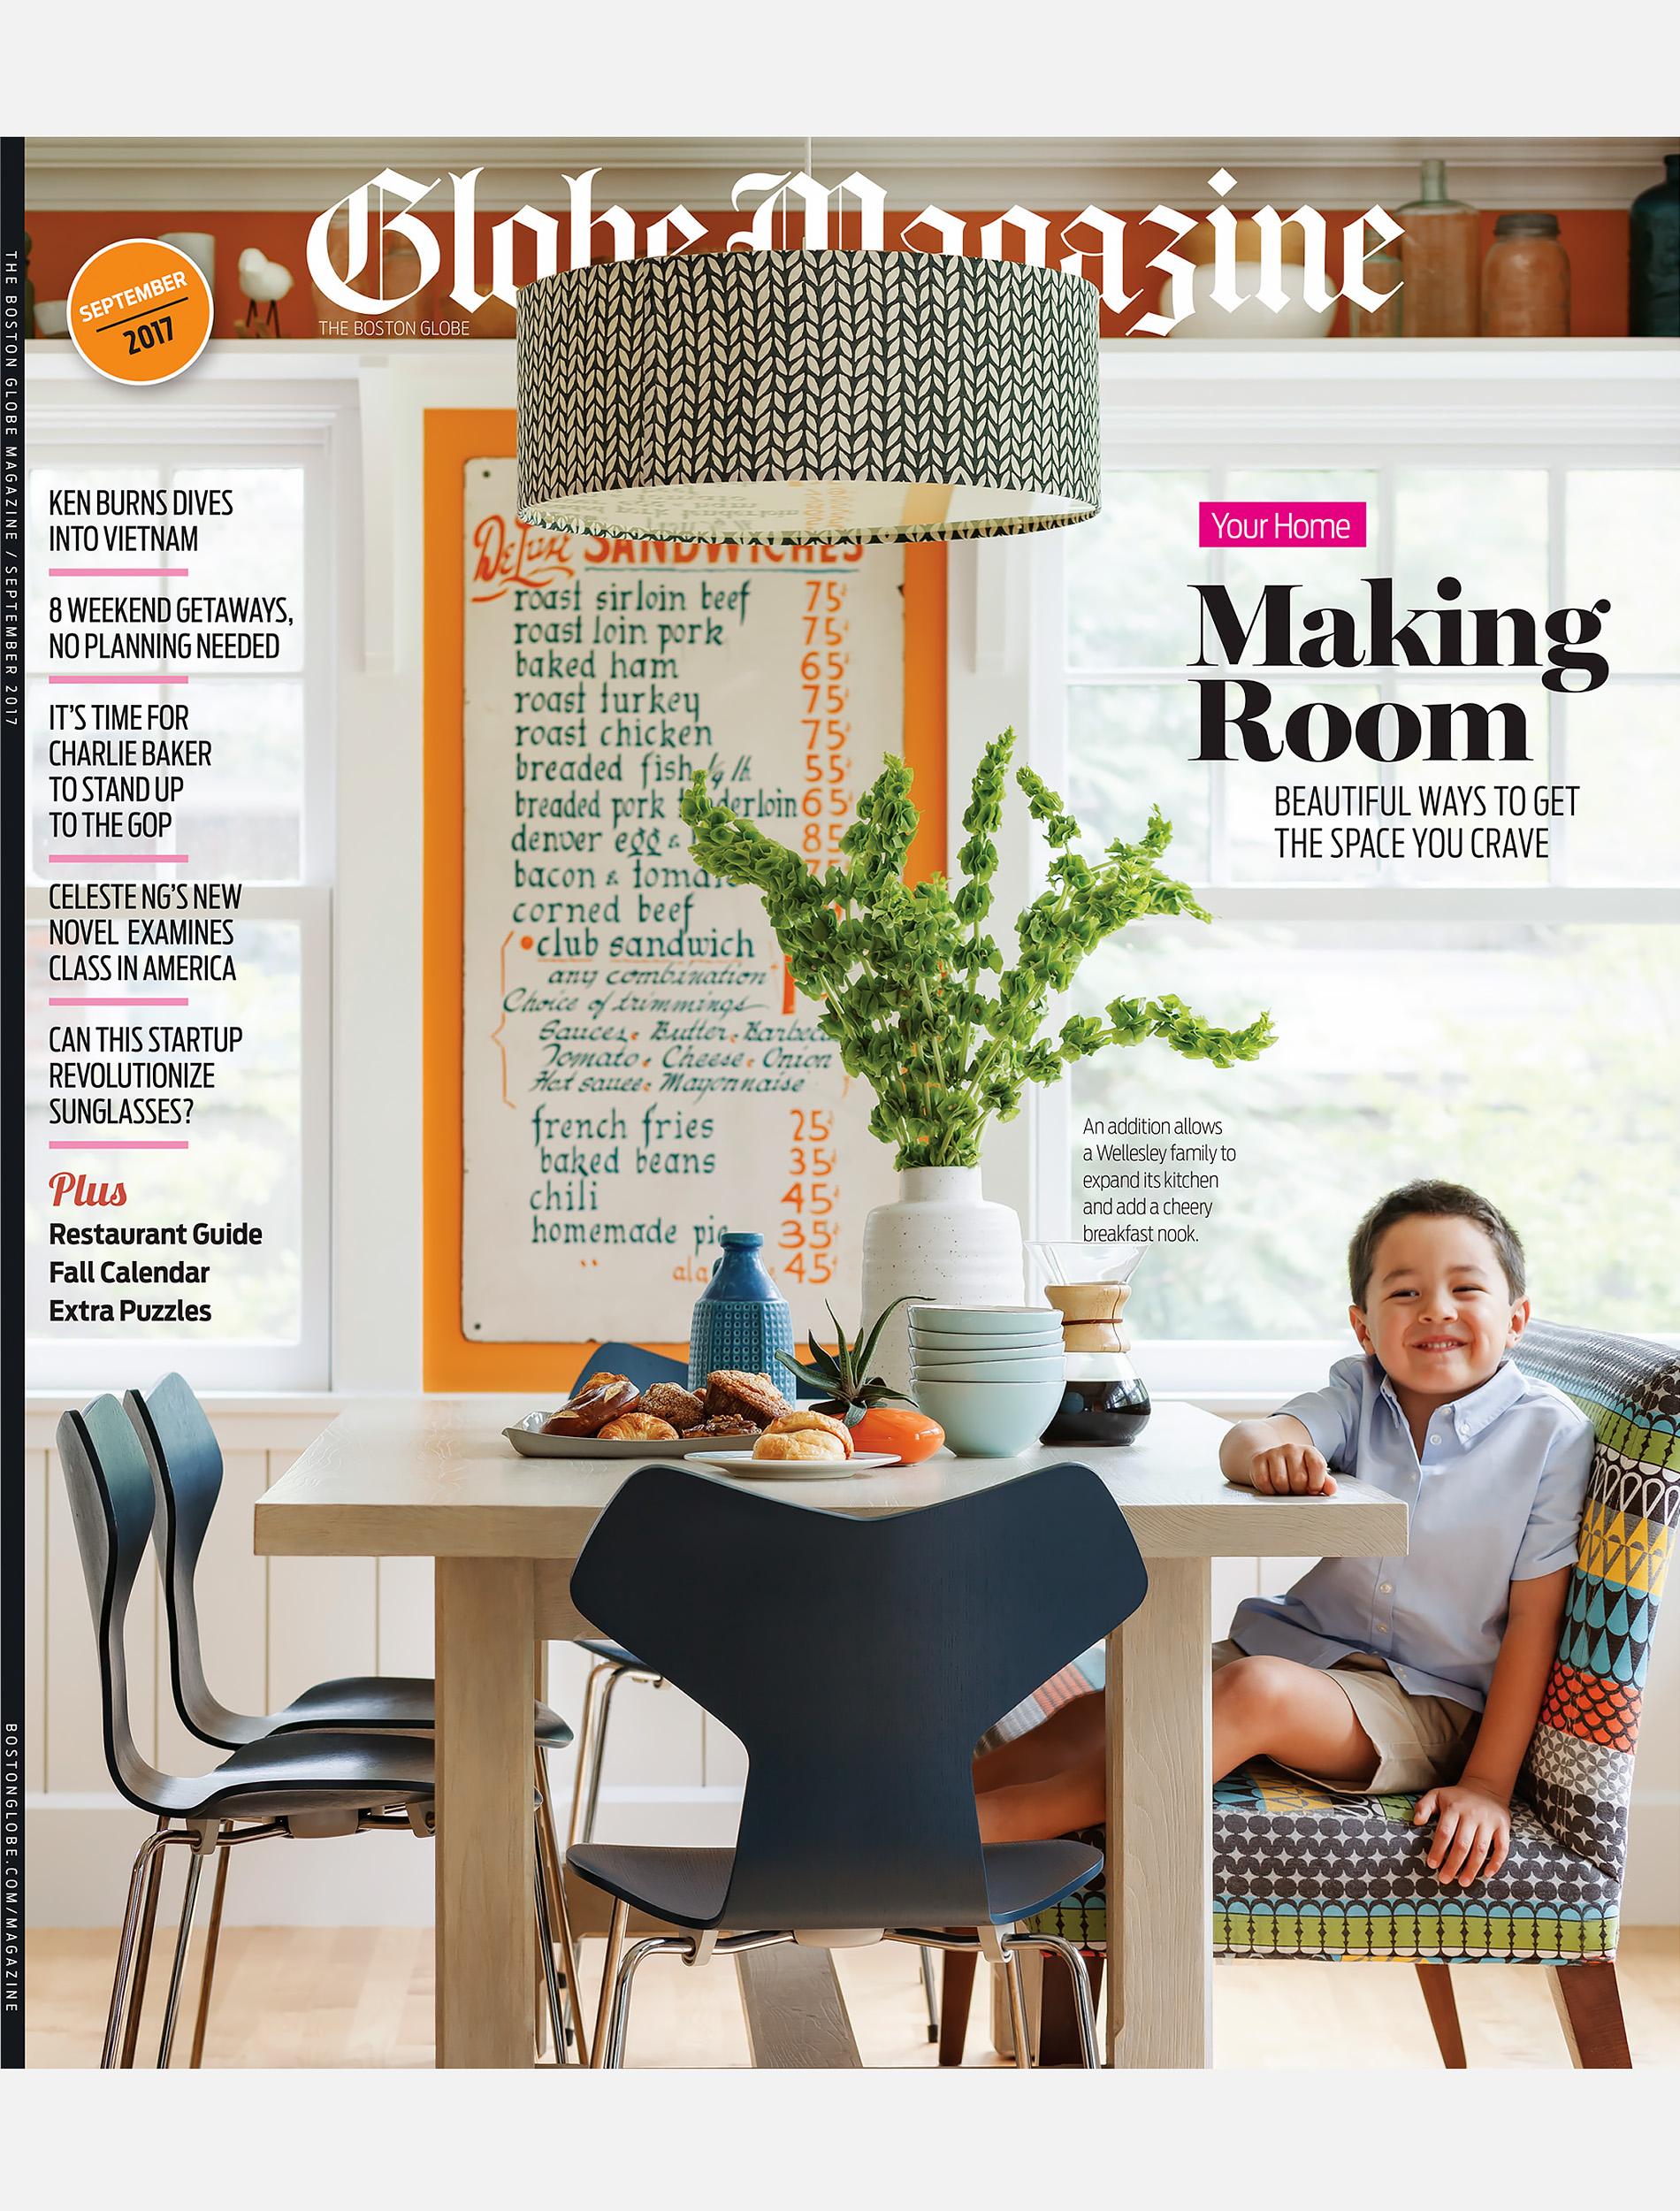 Boston Globe Magazine - Sept 10, 2017 Cover